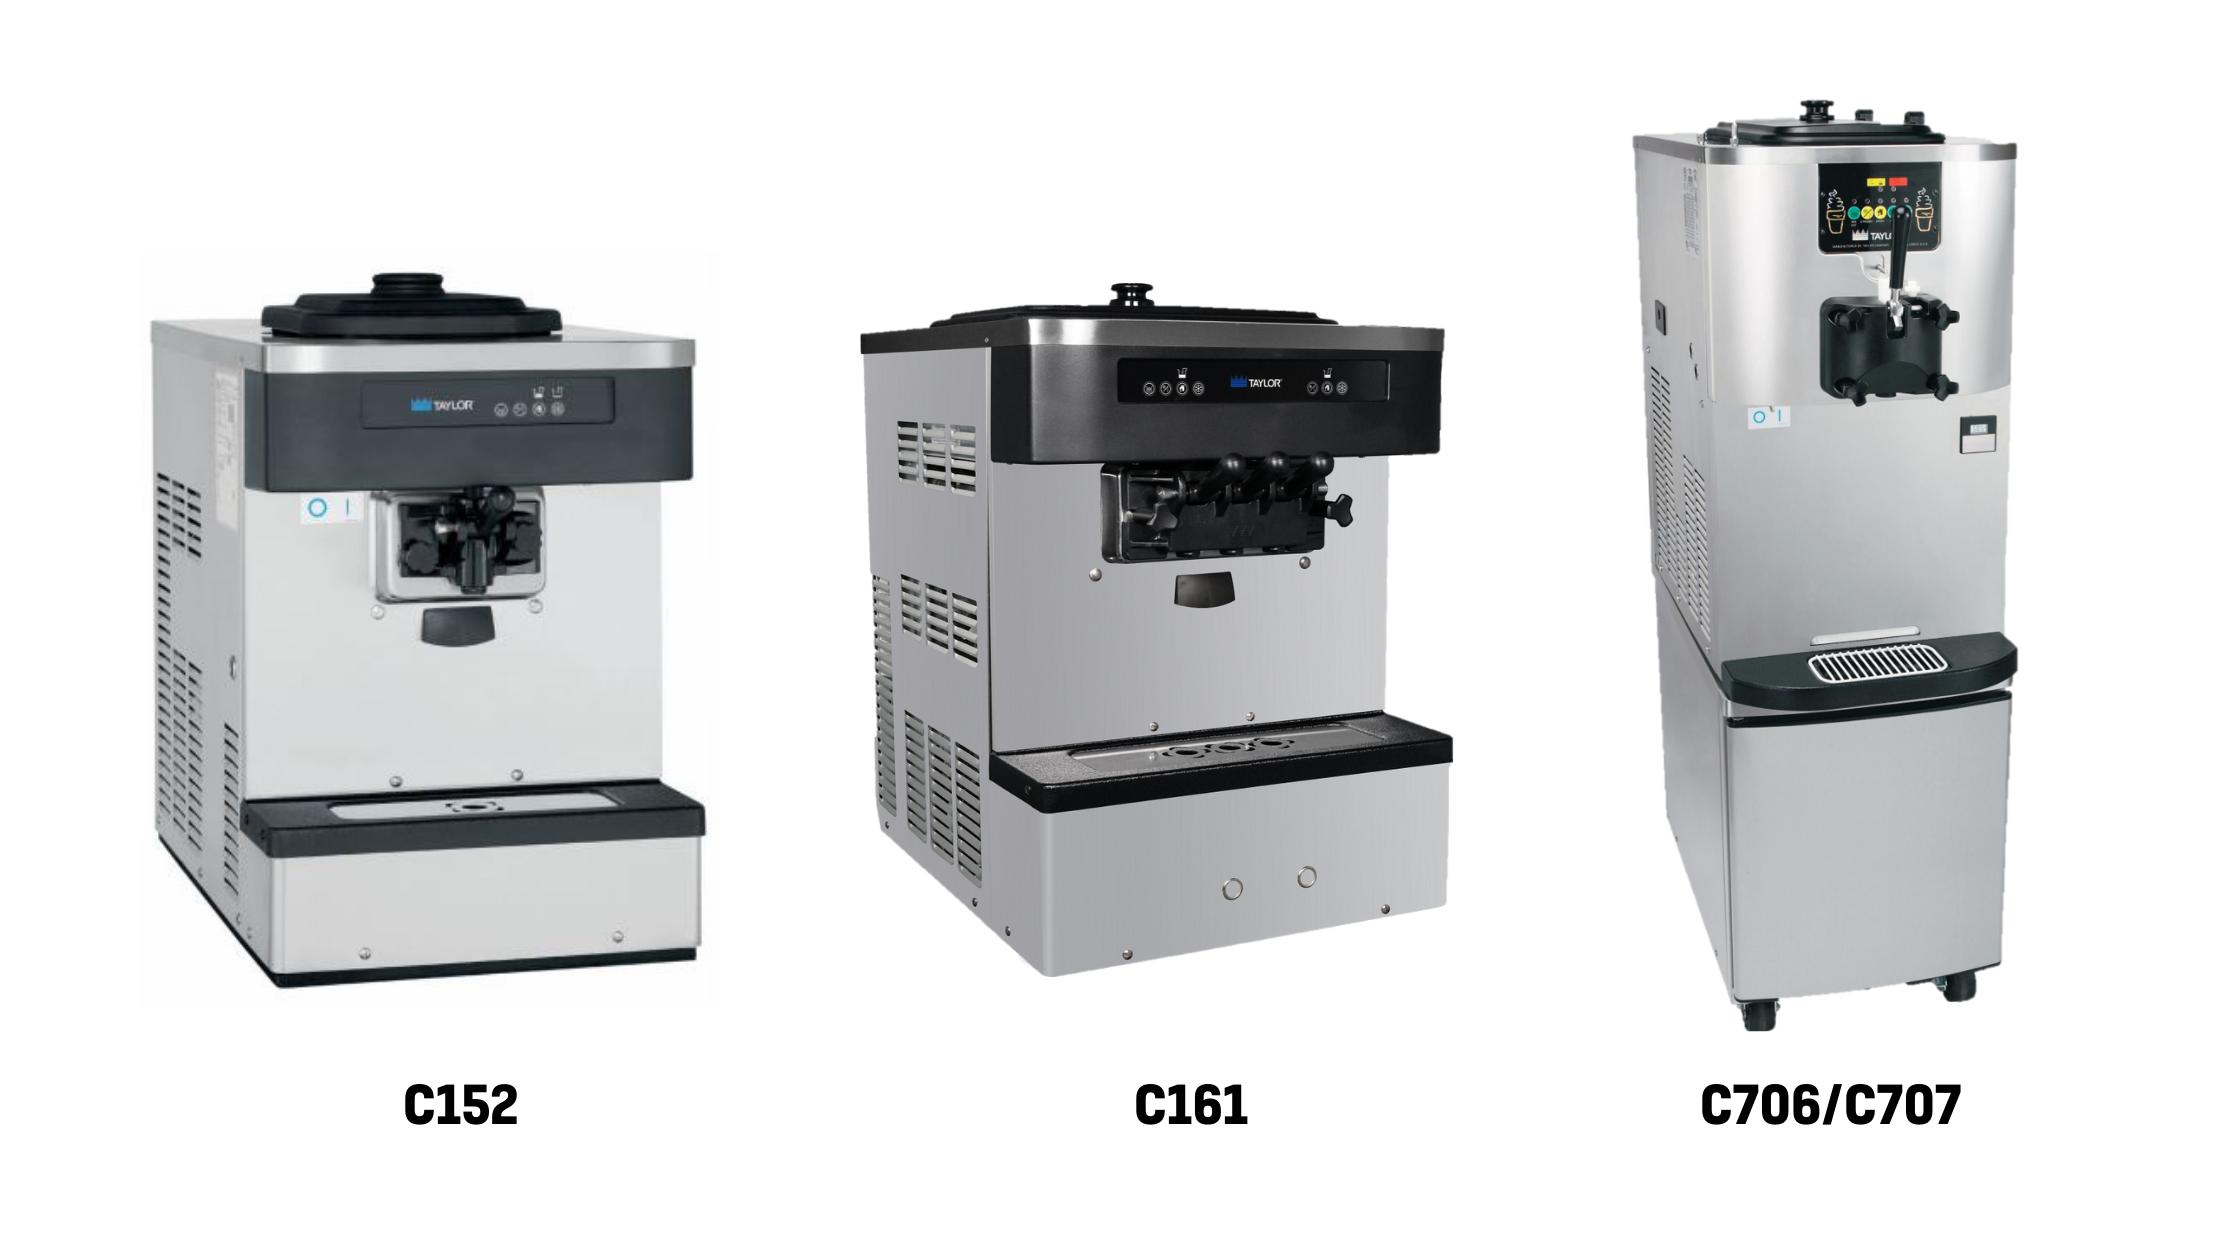 Soft Serve Models_ C152, C161, C706_C707